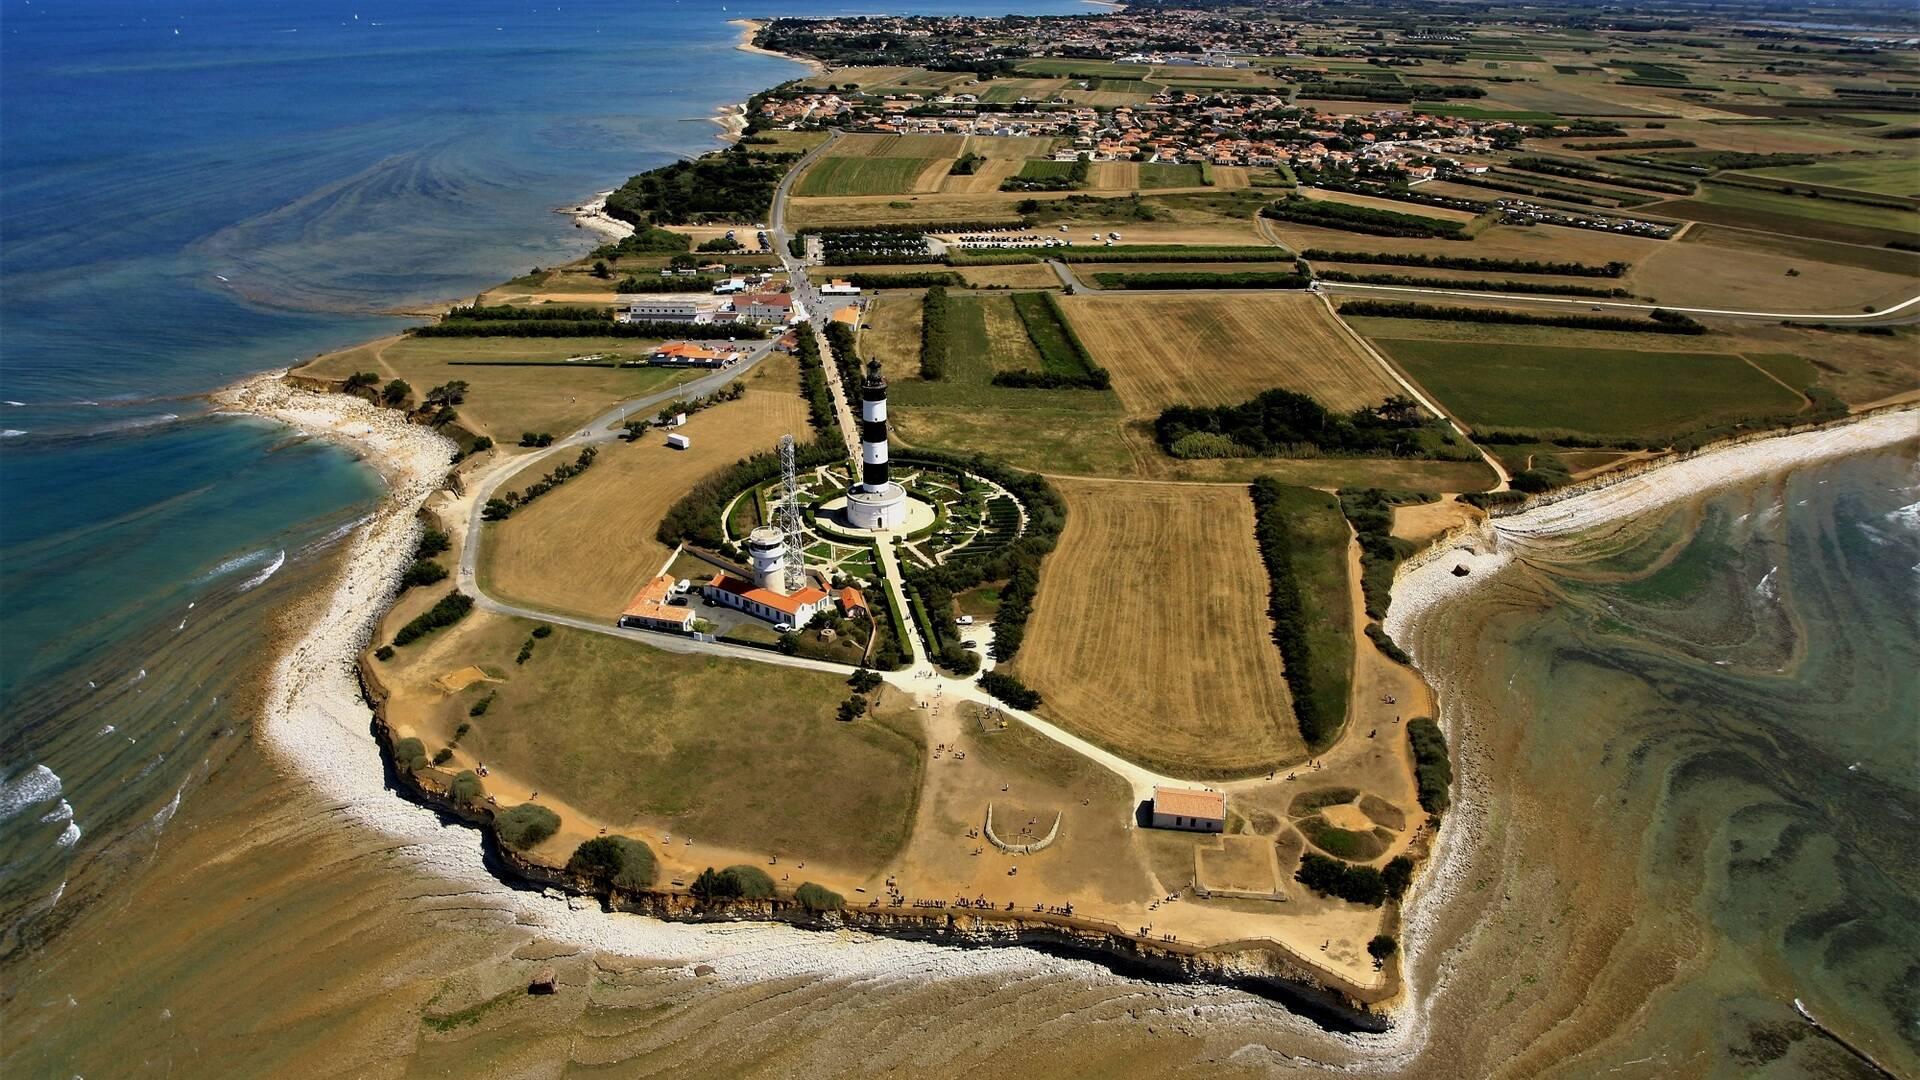 Vue aérienne de l'île d'Oléron - ©Philippe Laplace